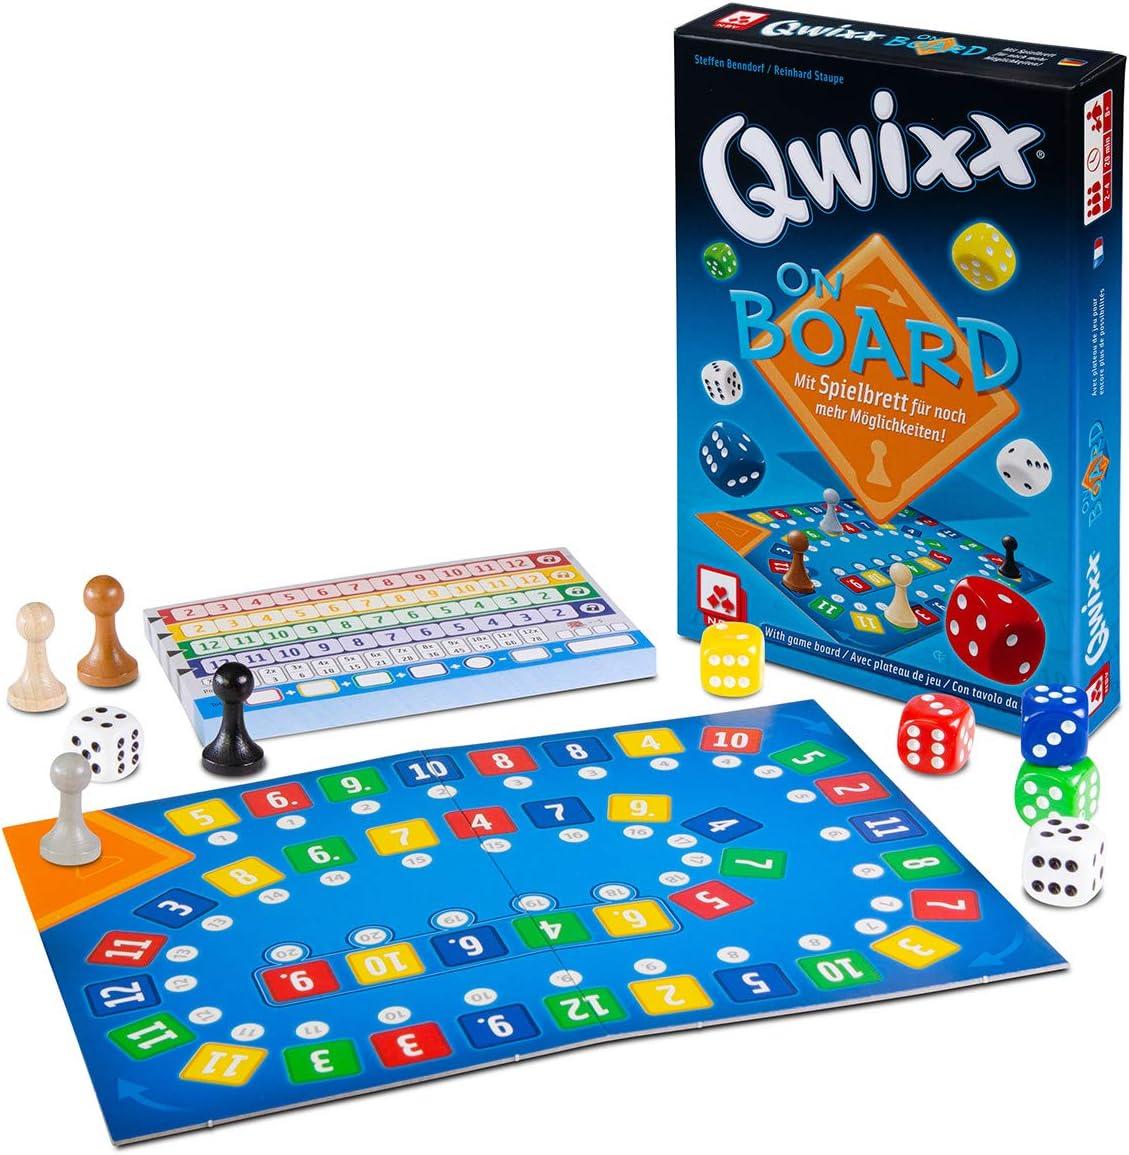 NSV - 4093 - QWIXX - On Board - Juego de Dados: Amazon.es: Juguetes y juegos